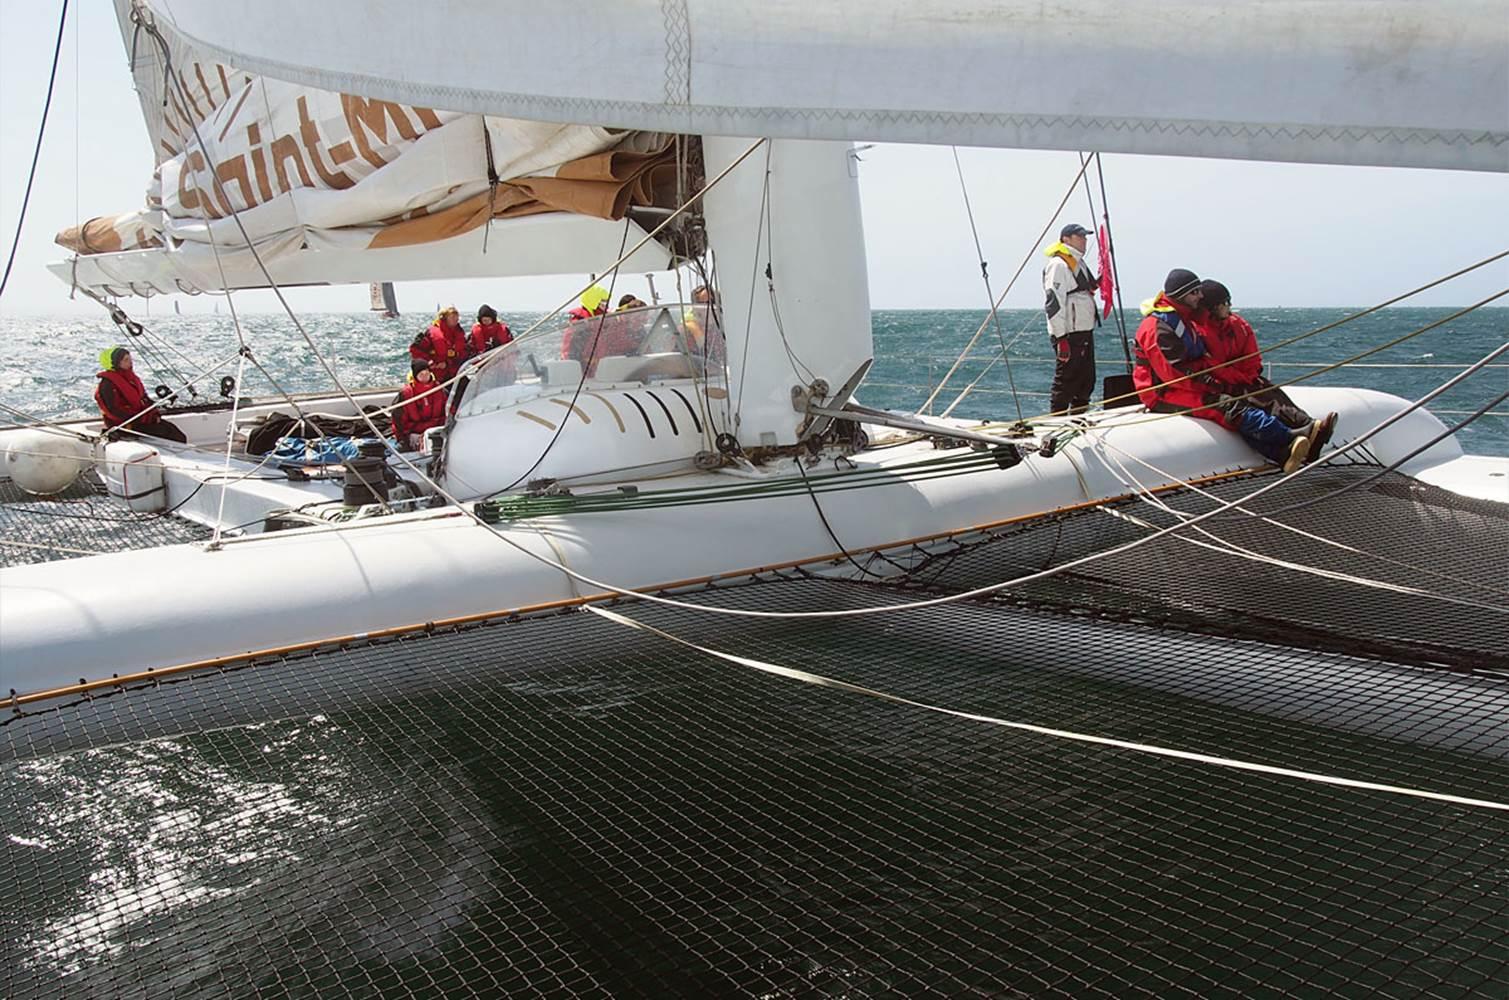 Découvrez la navigation à bord d'un maxi catamaran de course © CHALLENGE OCEAN